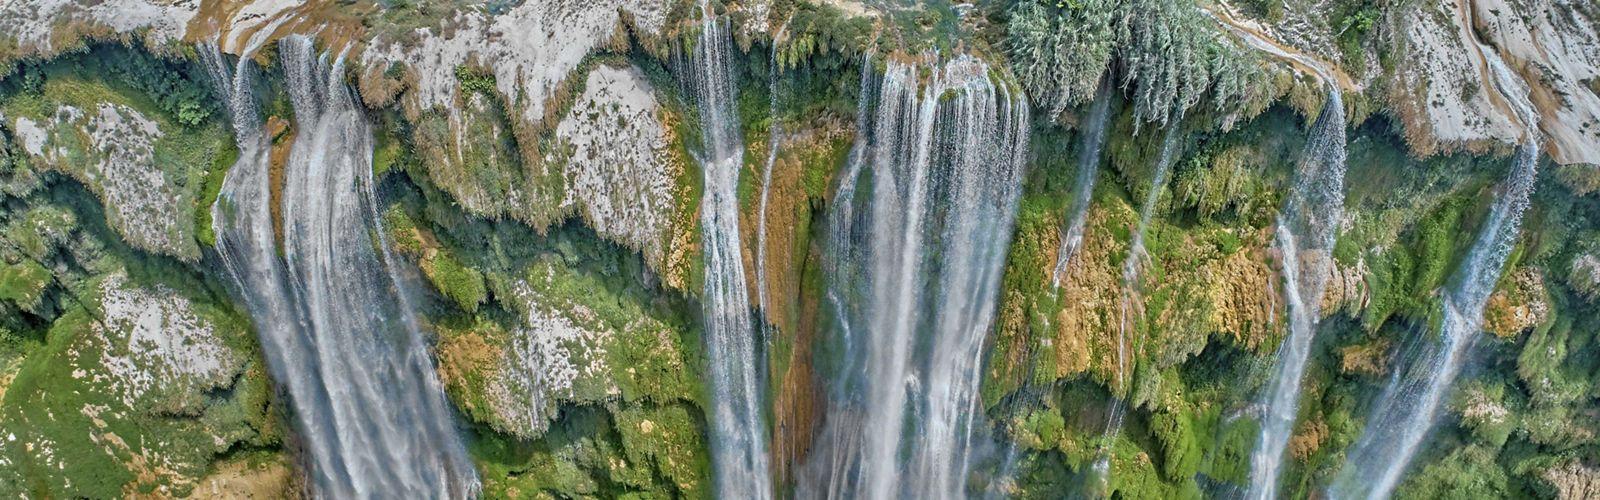 La cascada de Tamul es un salto de agua de México, el salto de agua más grande del estado de San Luis Potosí, México